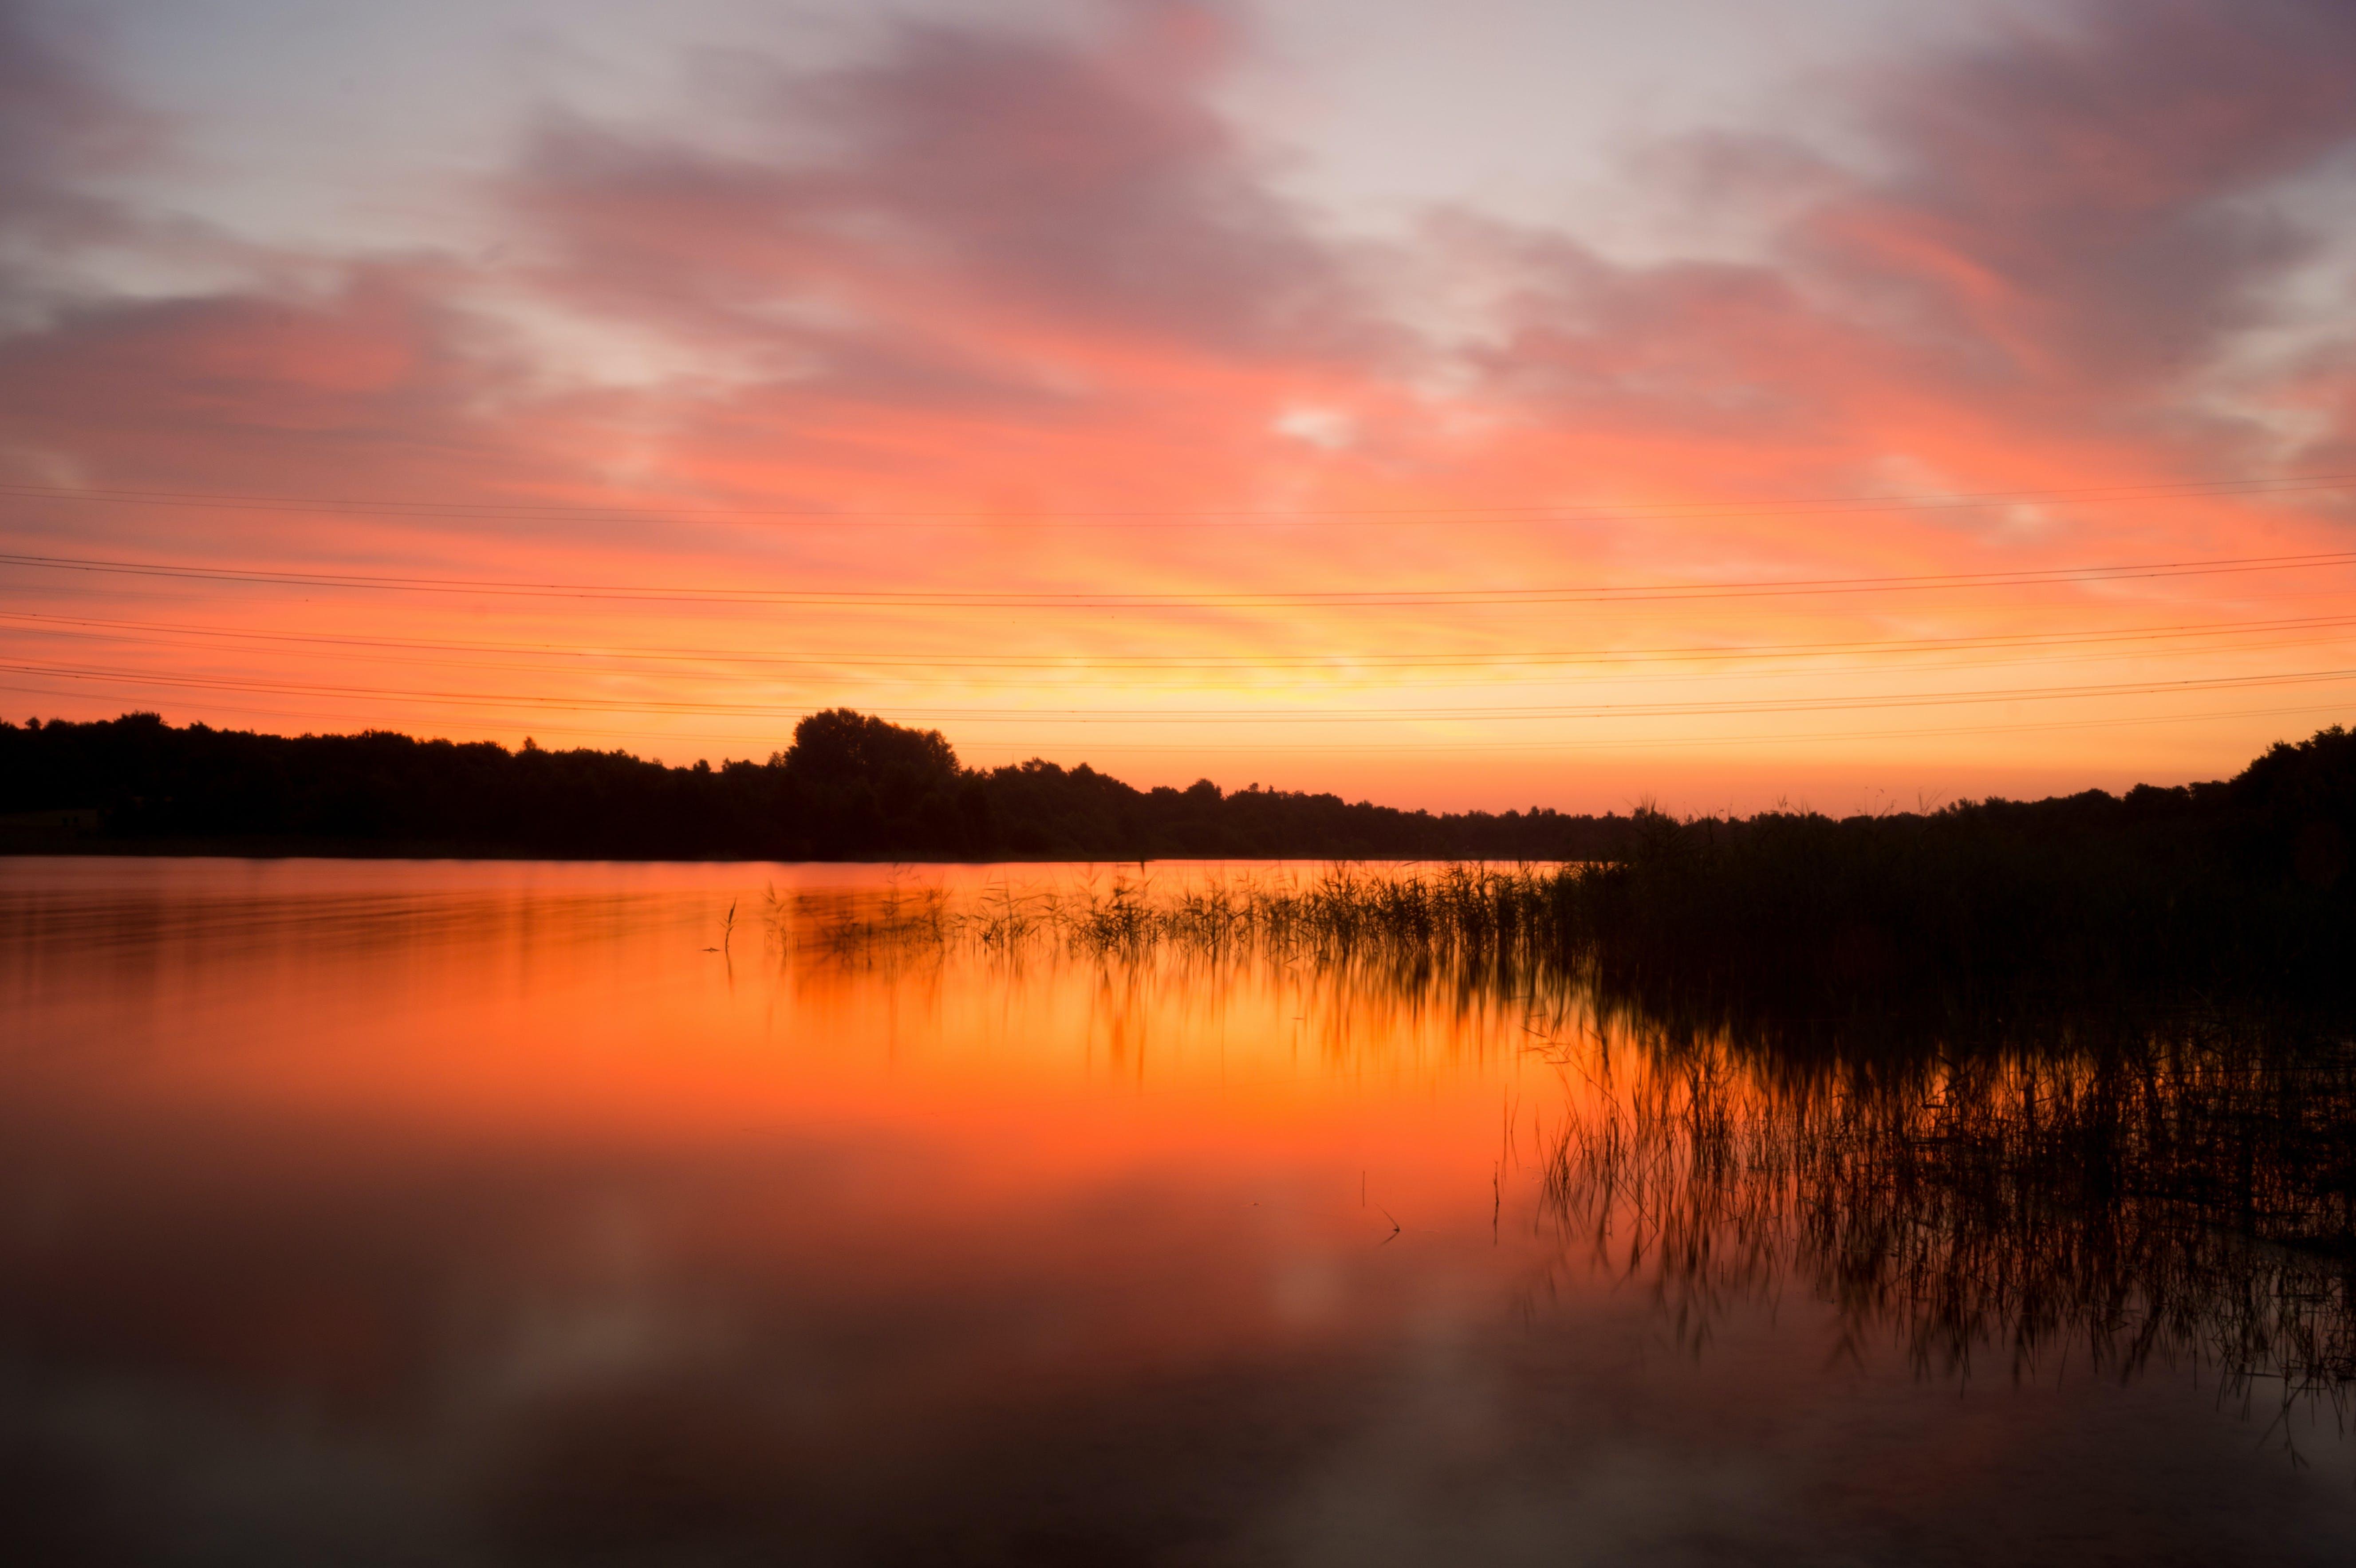 dawn, dust, lake